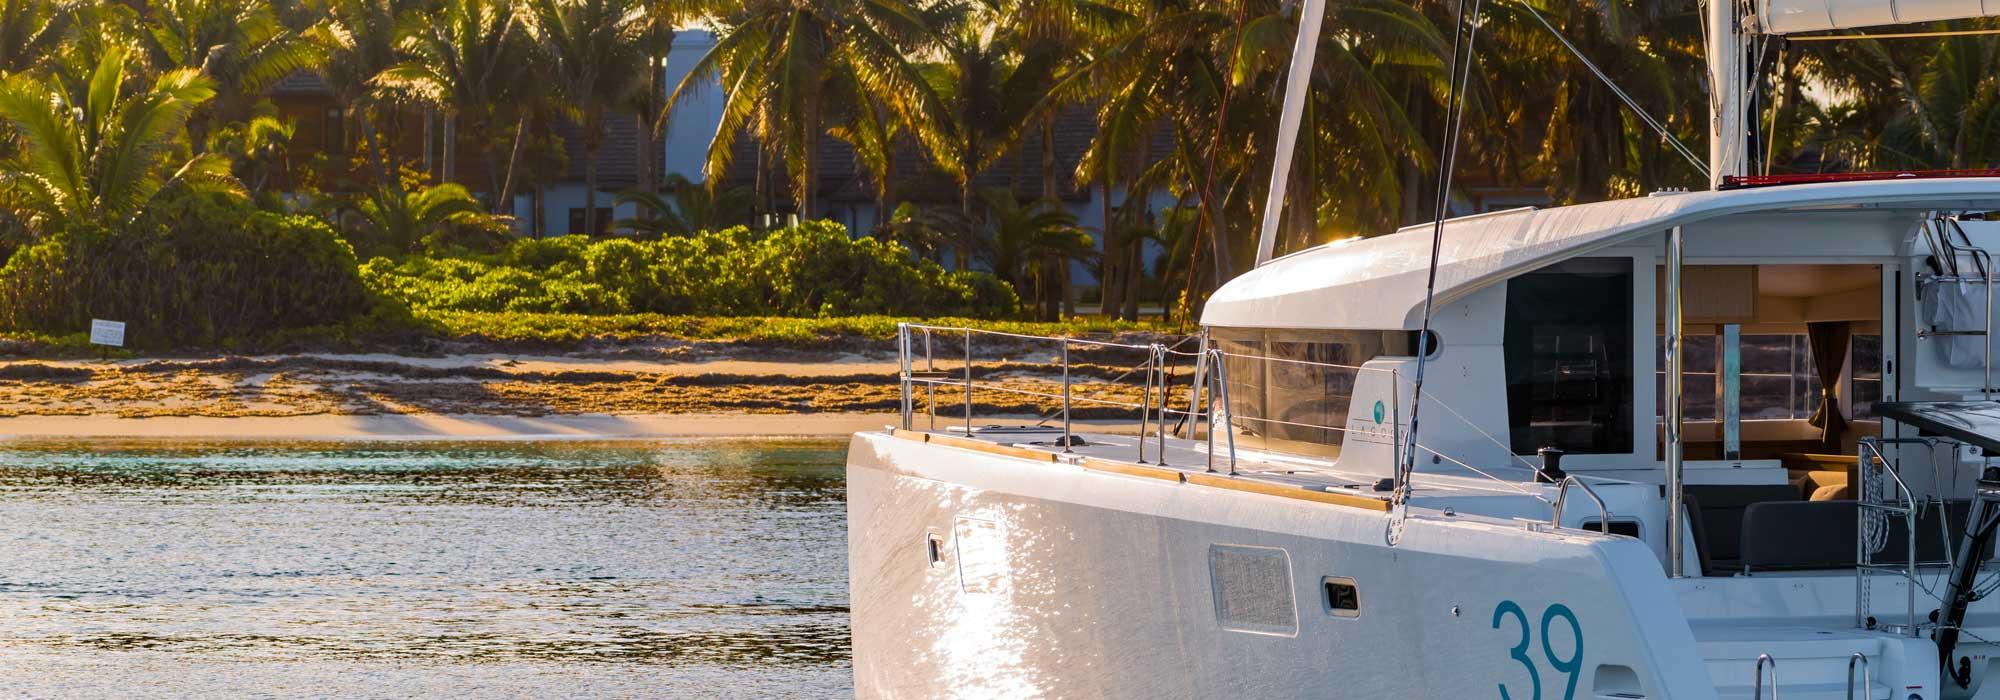 Bareboat Catamaran Charter Thailand